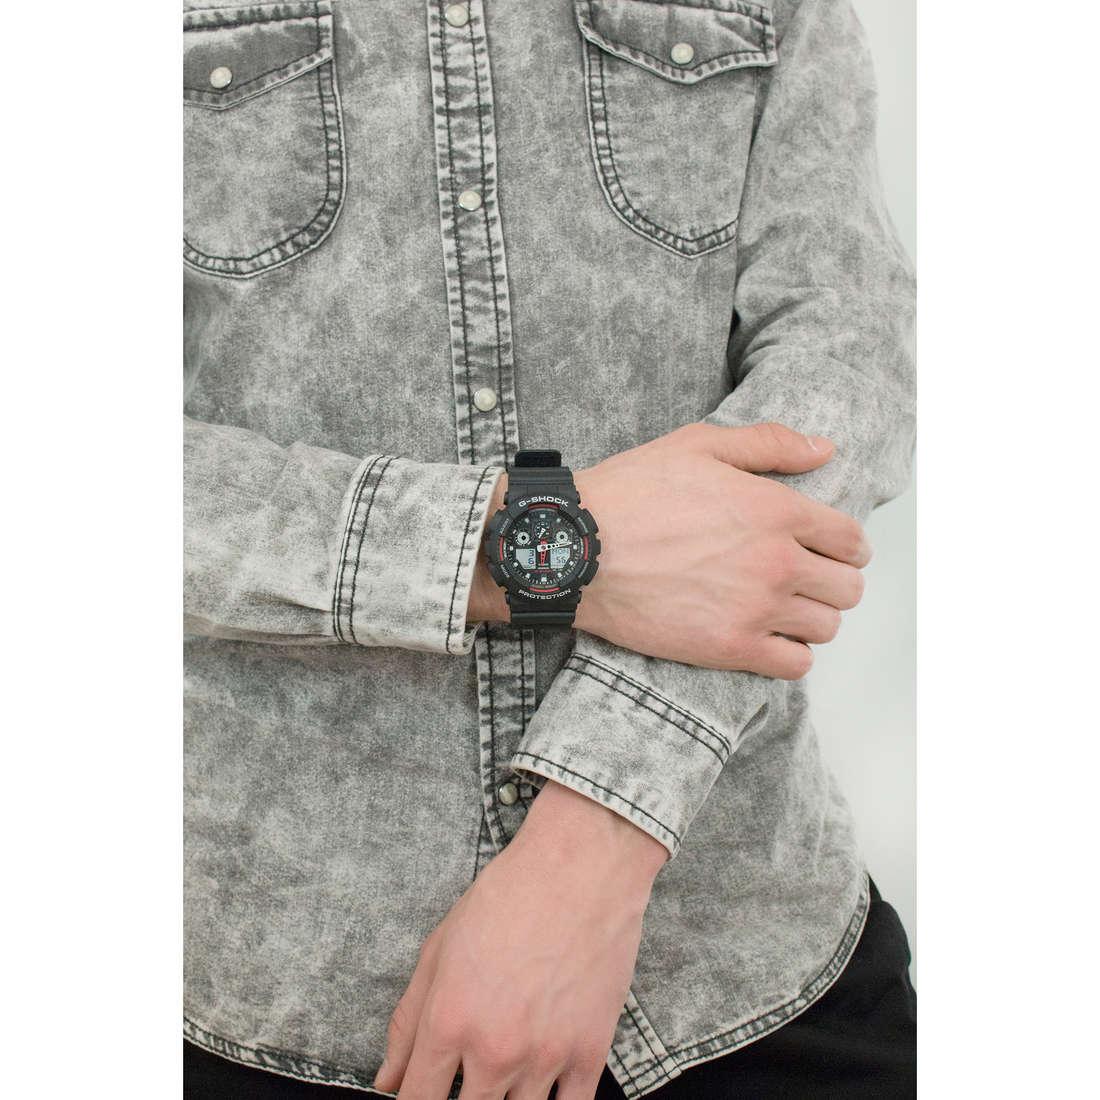 Casio digitali G-Shock uomo GA-100-1A4ER indosso